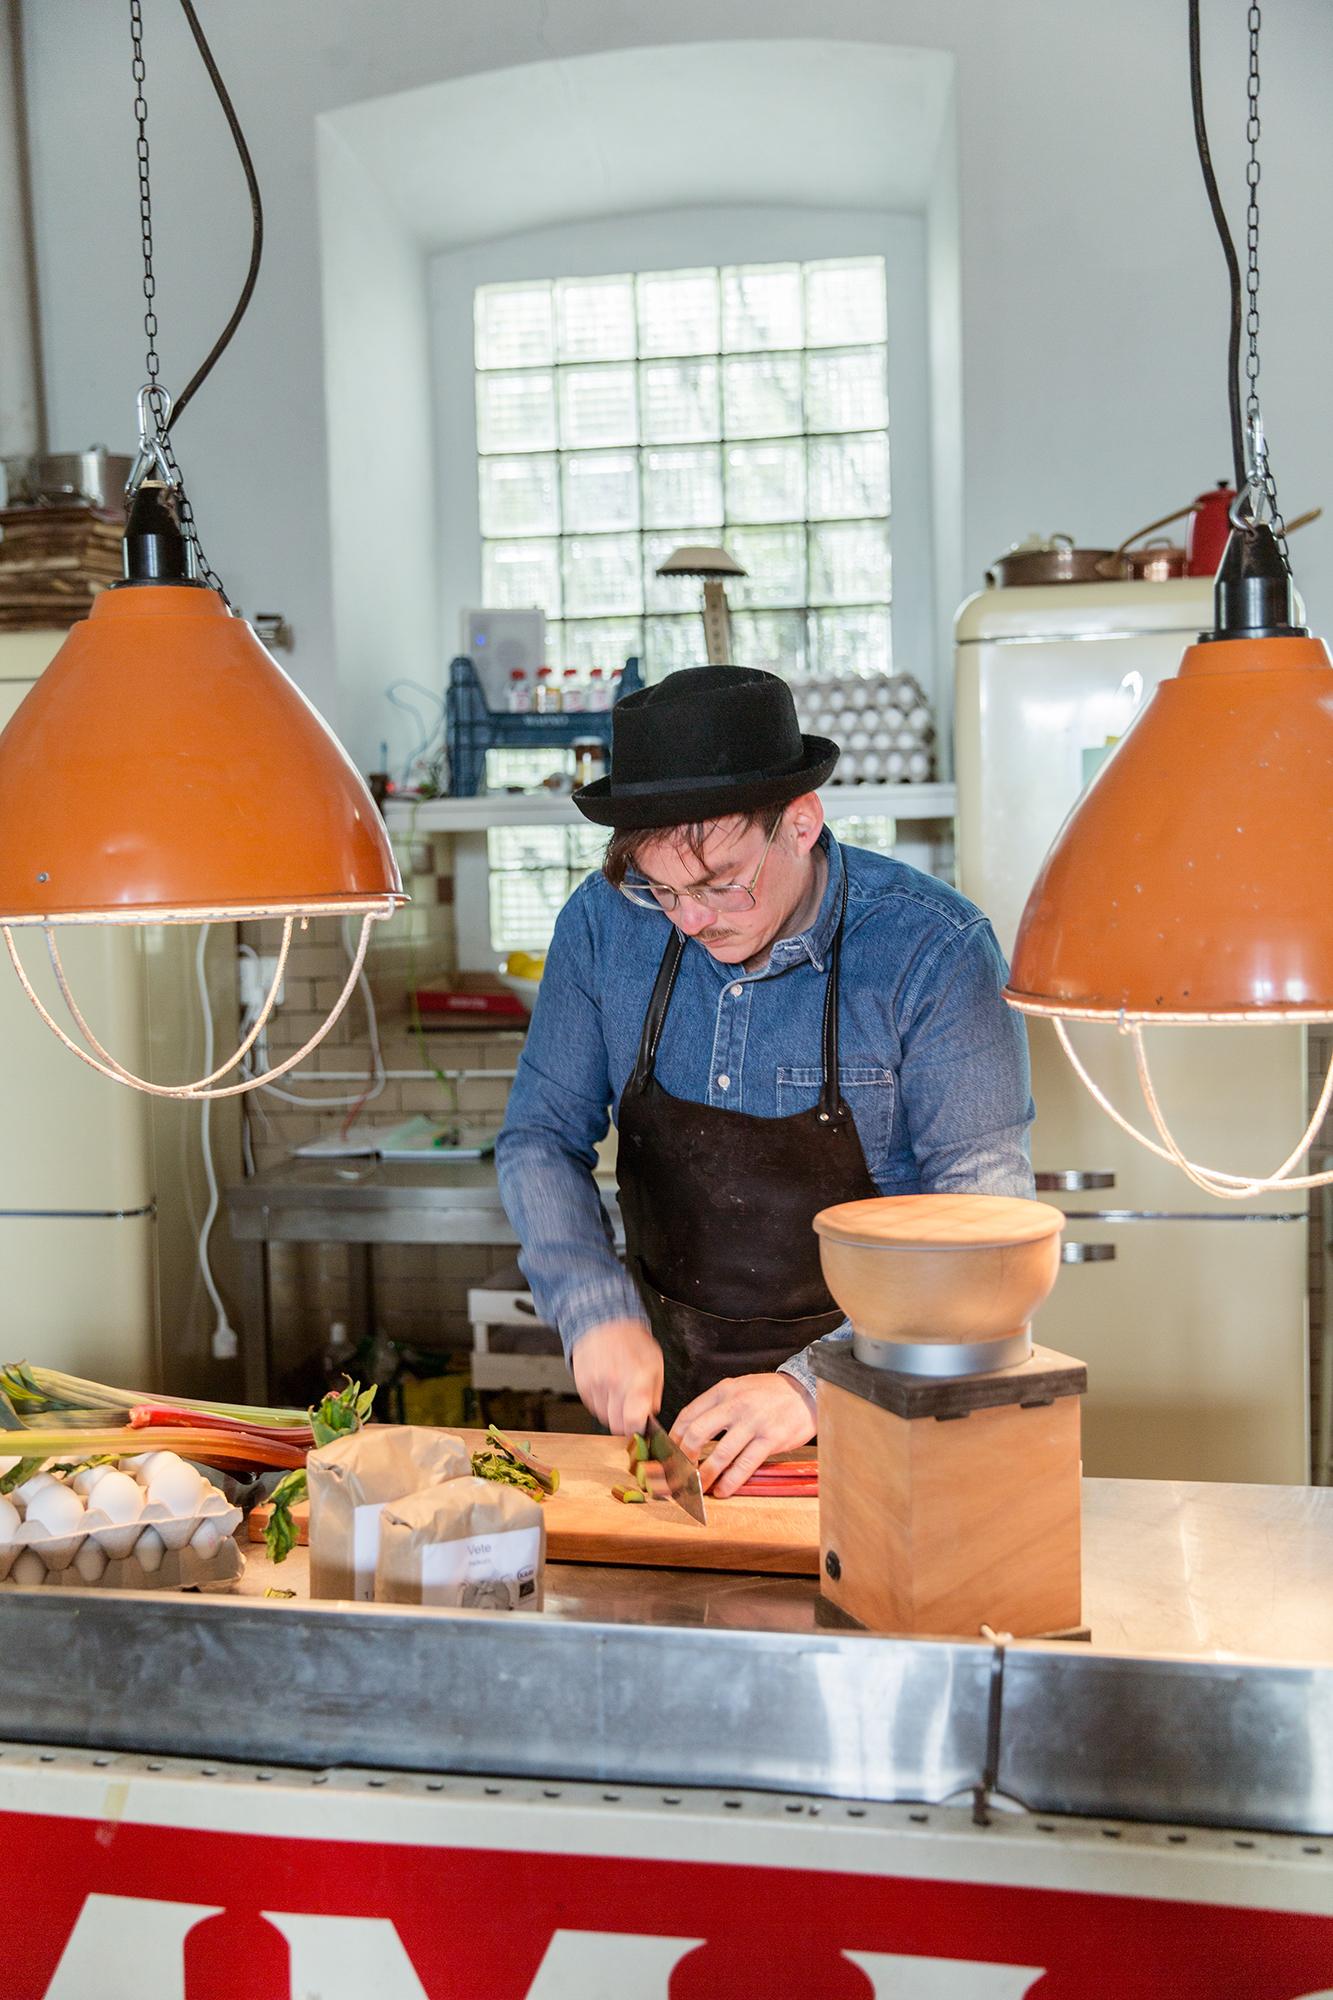 Bra mat på lokala råvaror är Johans melodi. Gästerna som kommer hit bjuds alltid på en femrättersmeny där ingredienserna helst av allt ska vara plockade från trädgården.